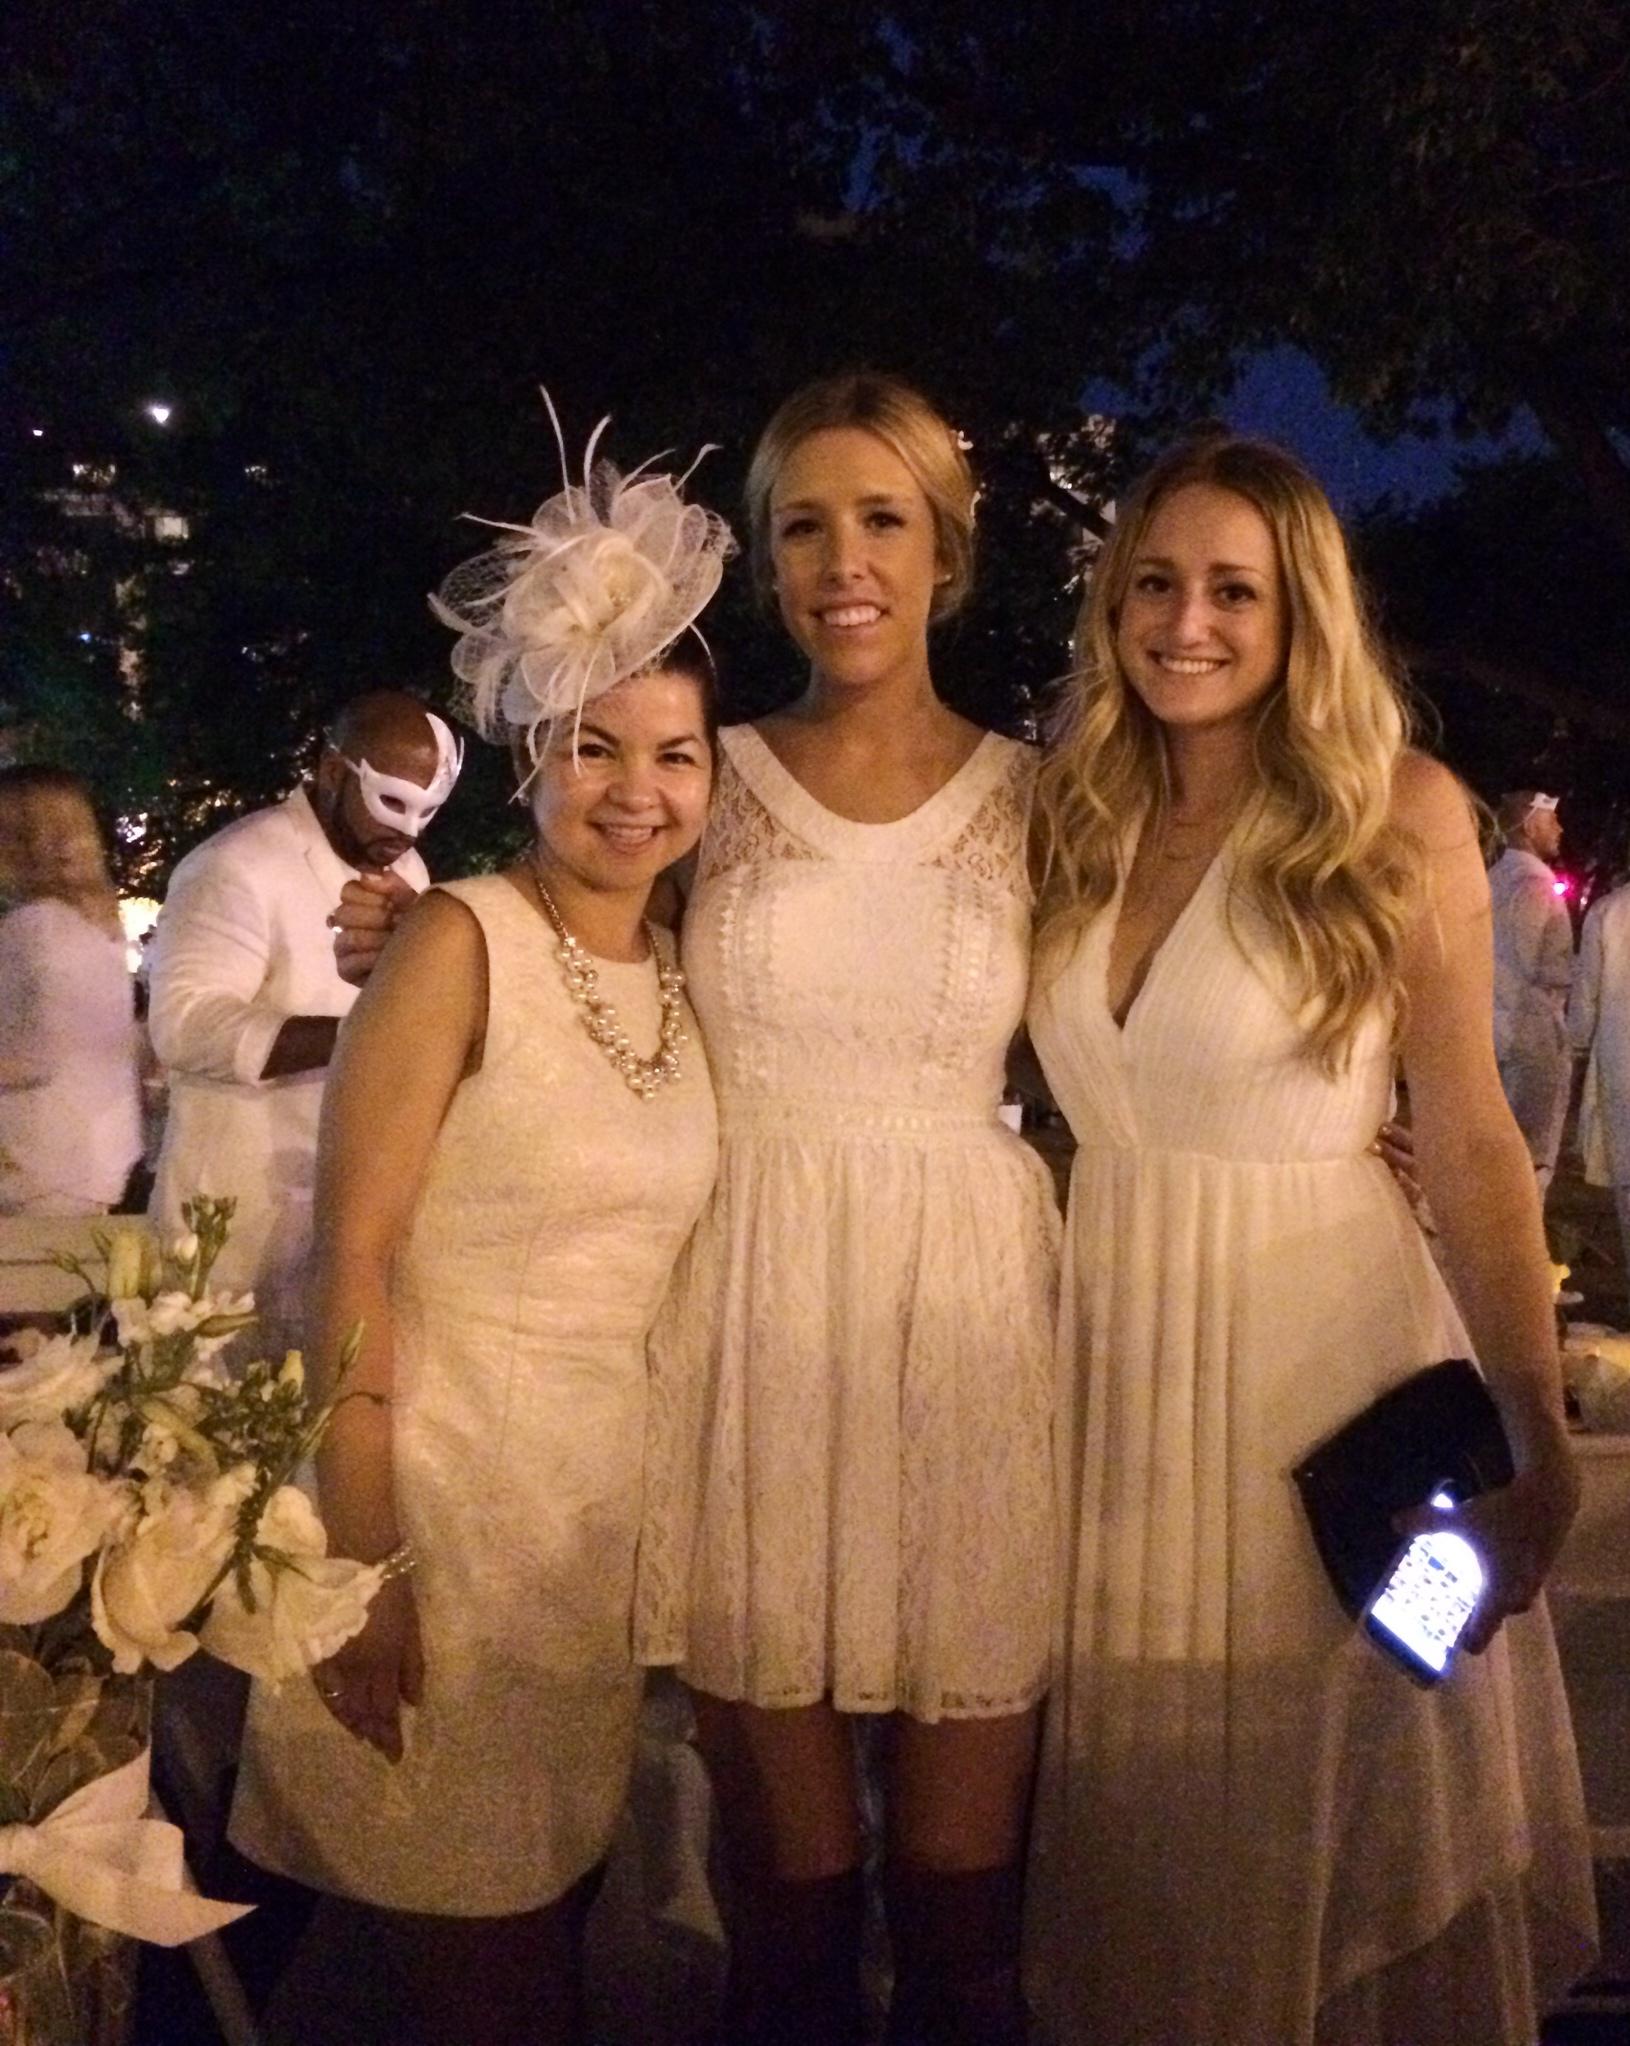 My friend Joelle, Jillian and Canon. (Photo credit: Joelle)